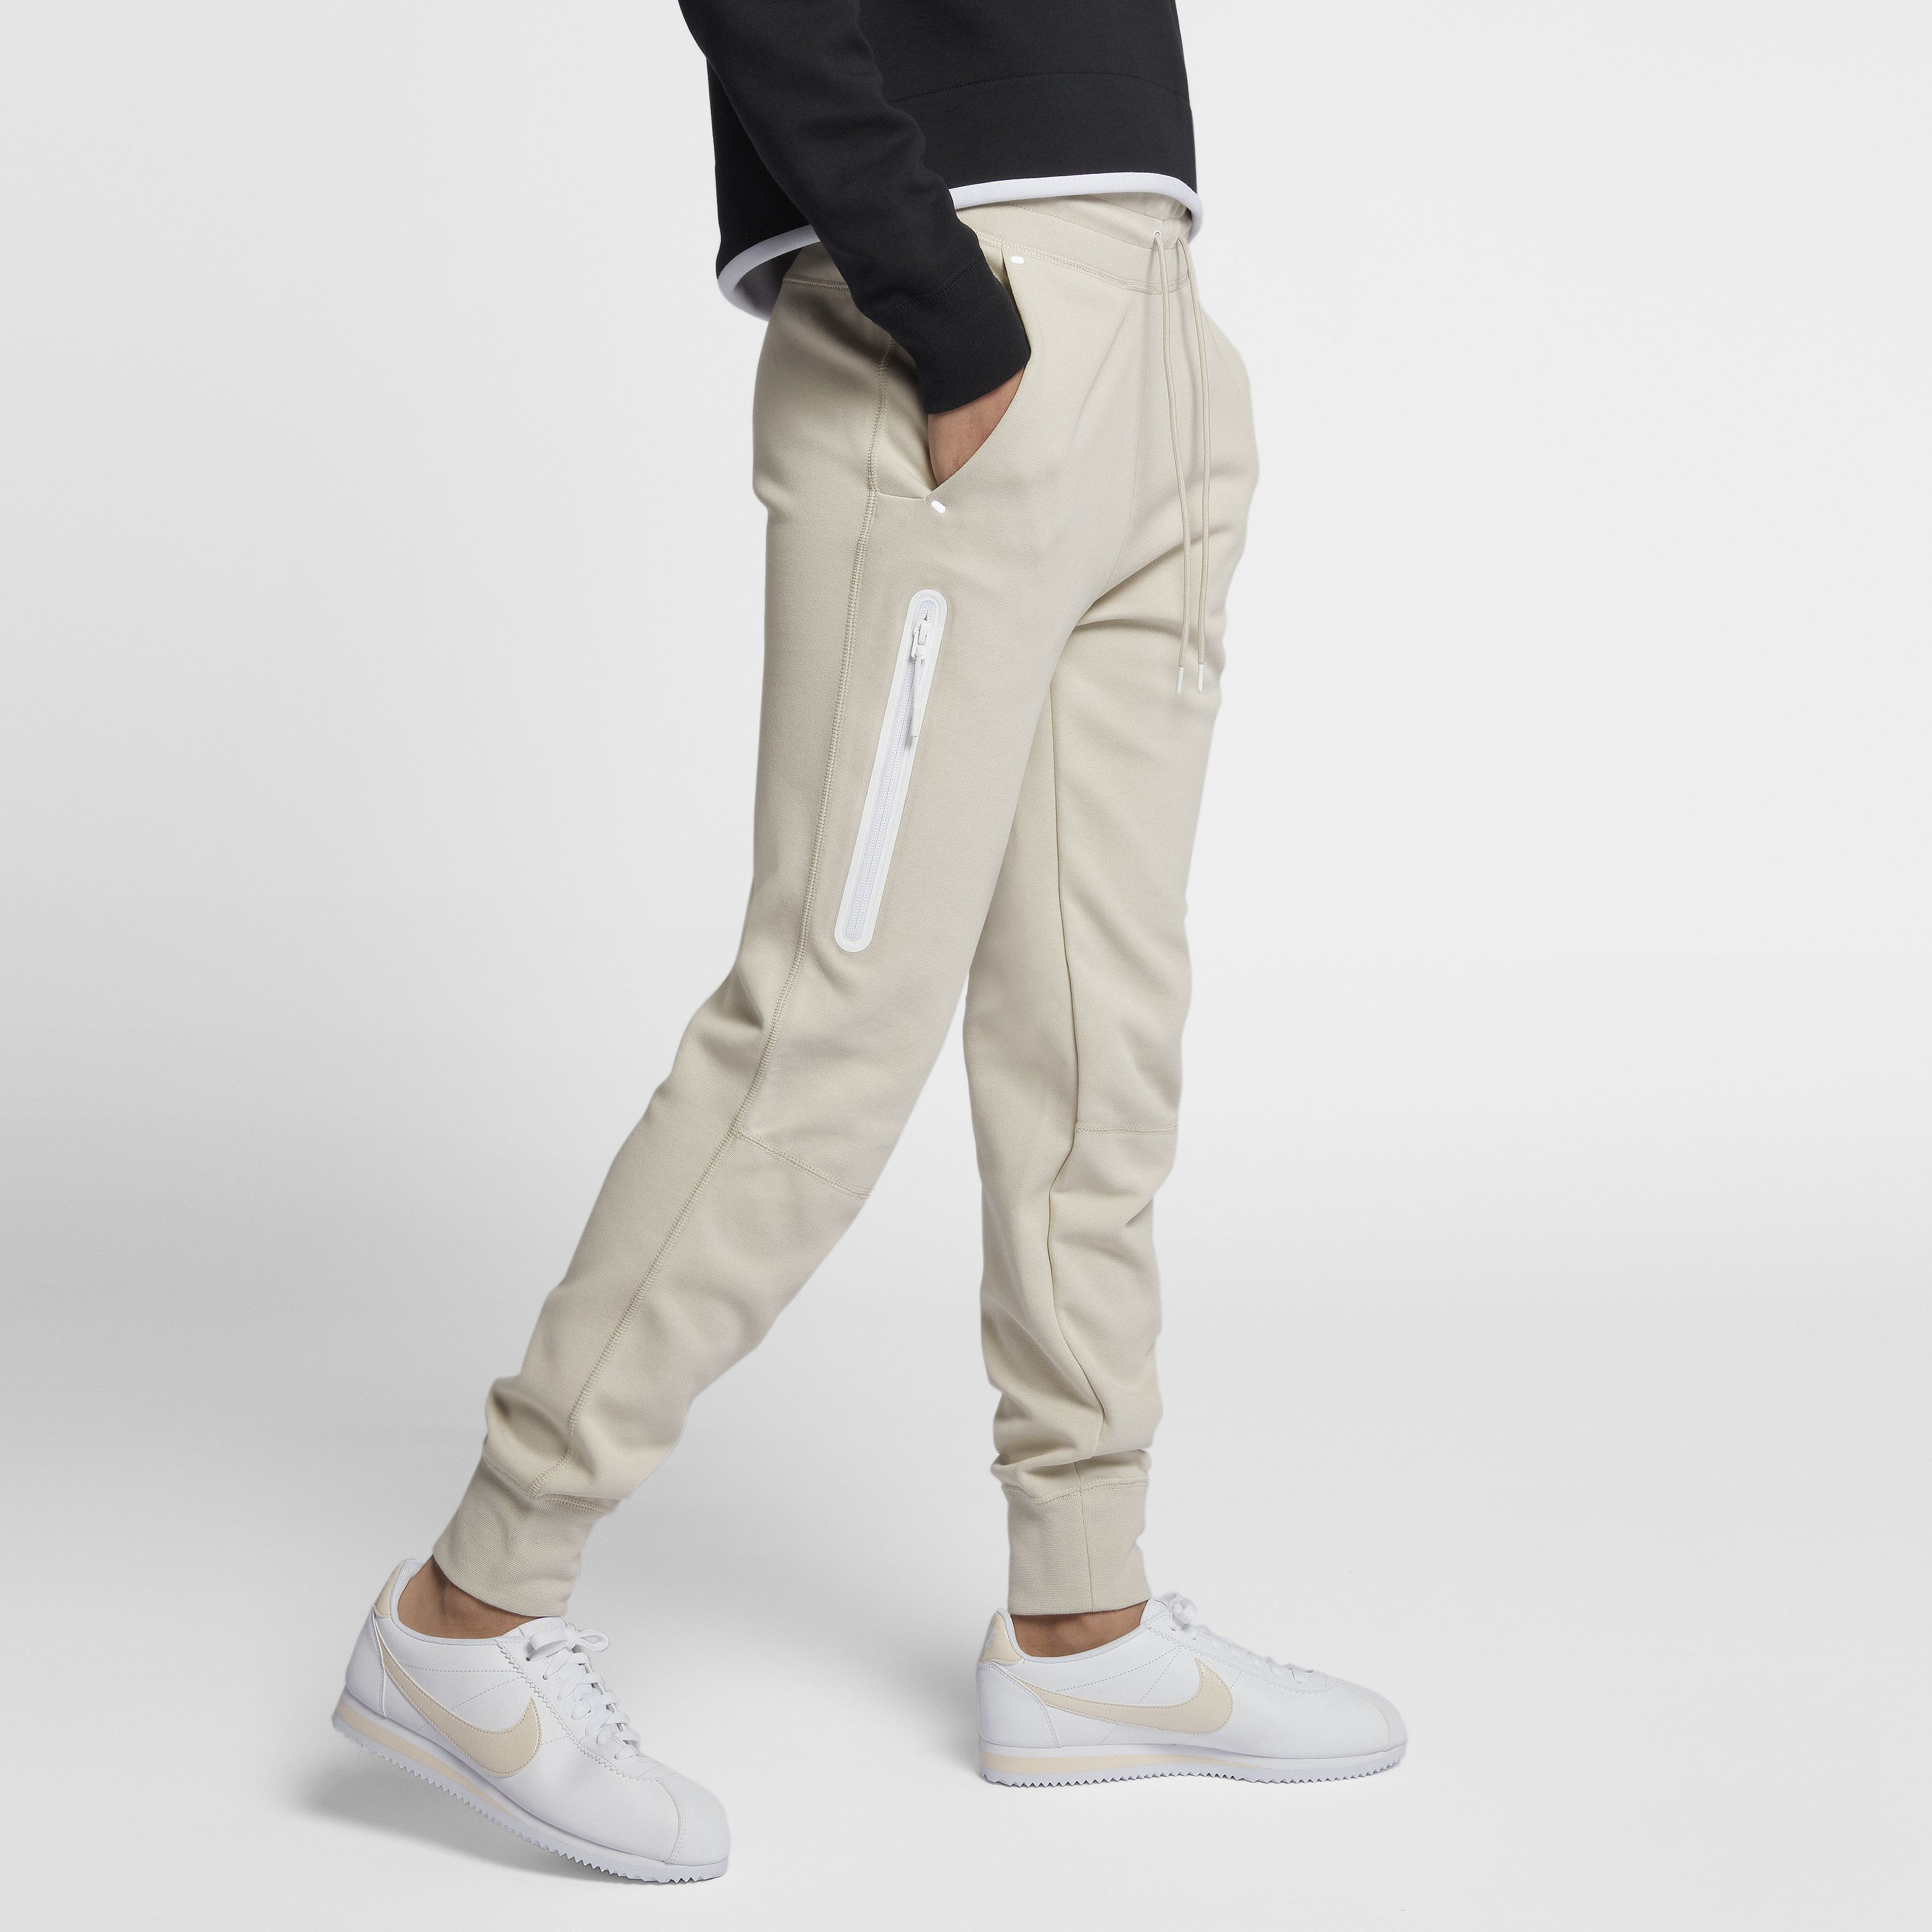 5b60c6e1 Брюки Tech Fleece от Nike (931828-008) - продажа, цена, фото, описание